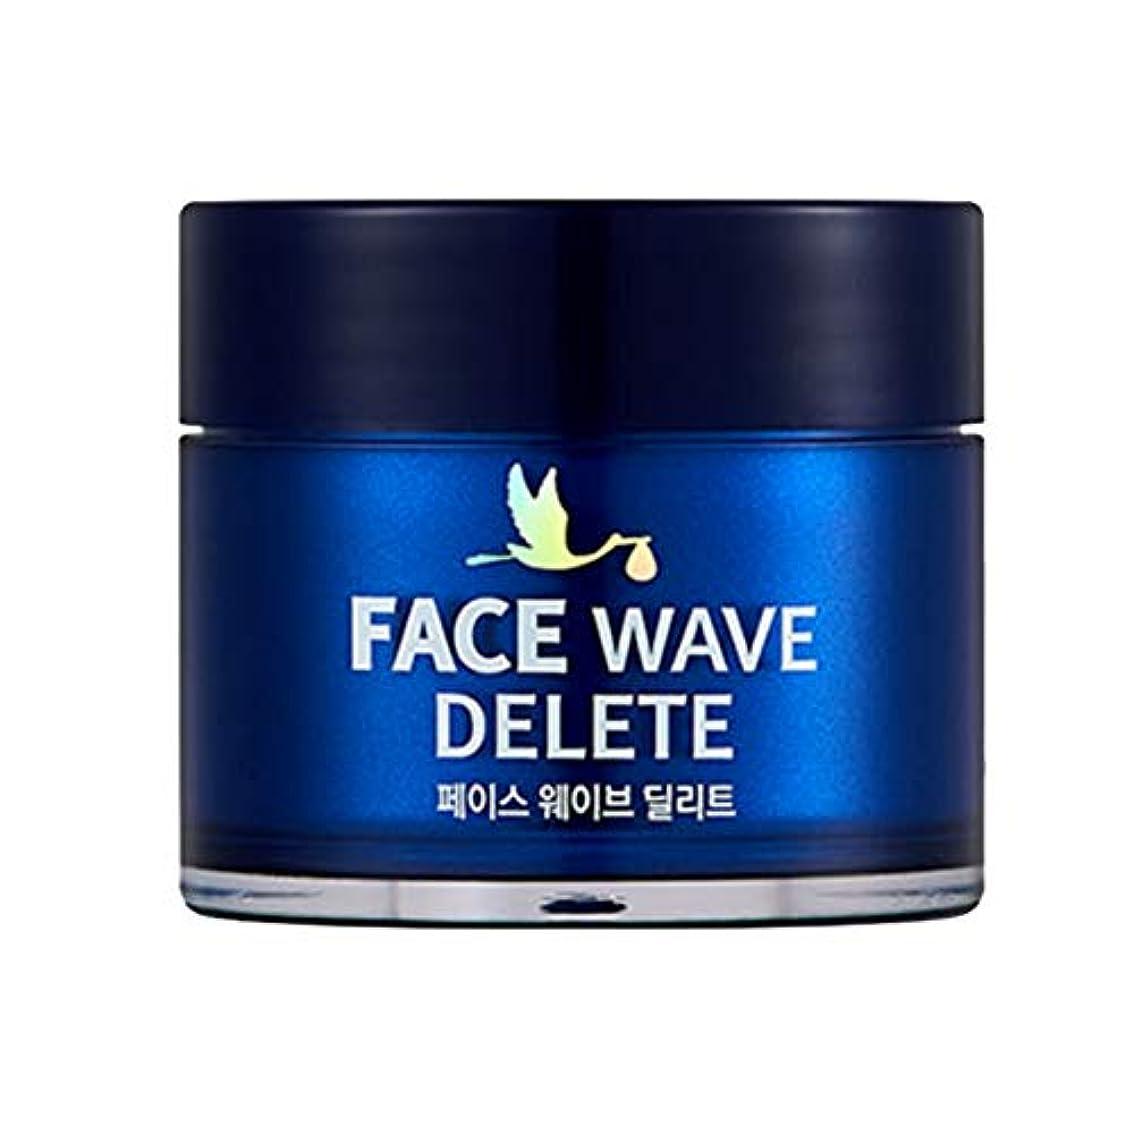 縞模様の対応エレベーターbona medusa FACE WAVE DELETE しわ集中改善クリームすべての肌用30g[海外直送品]